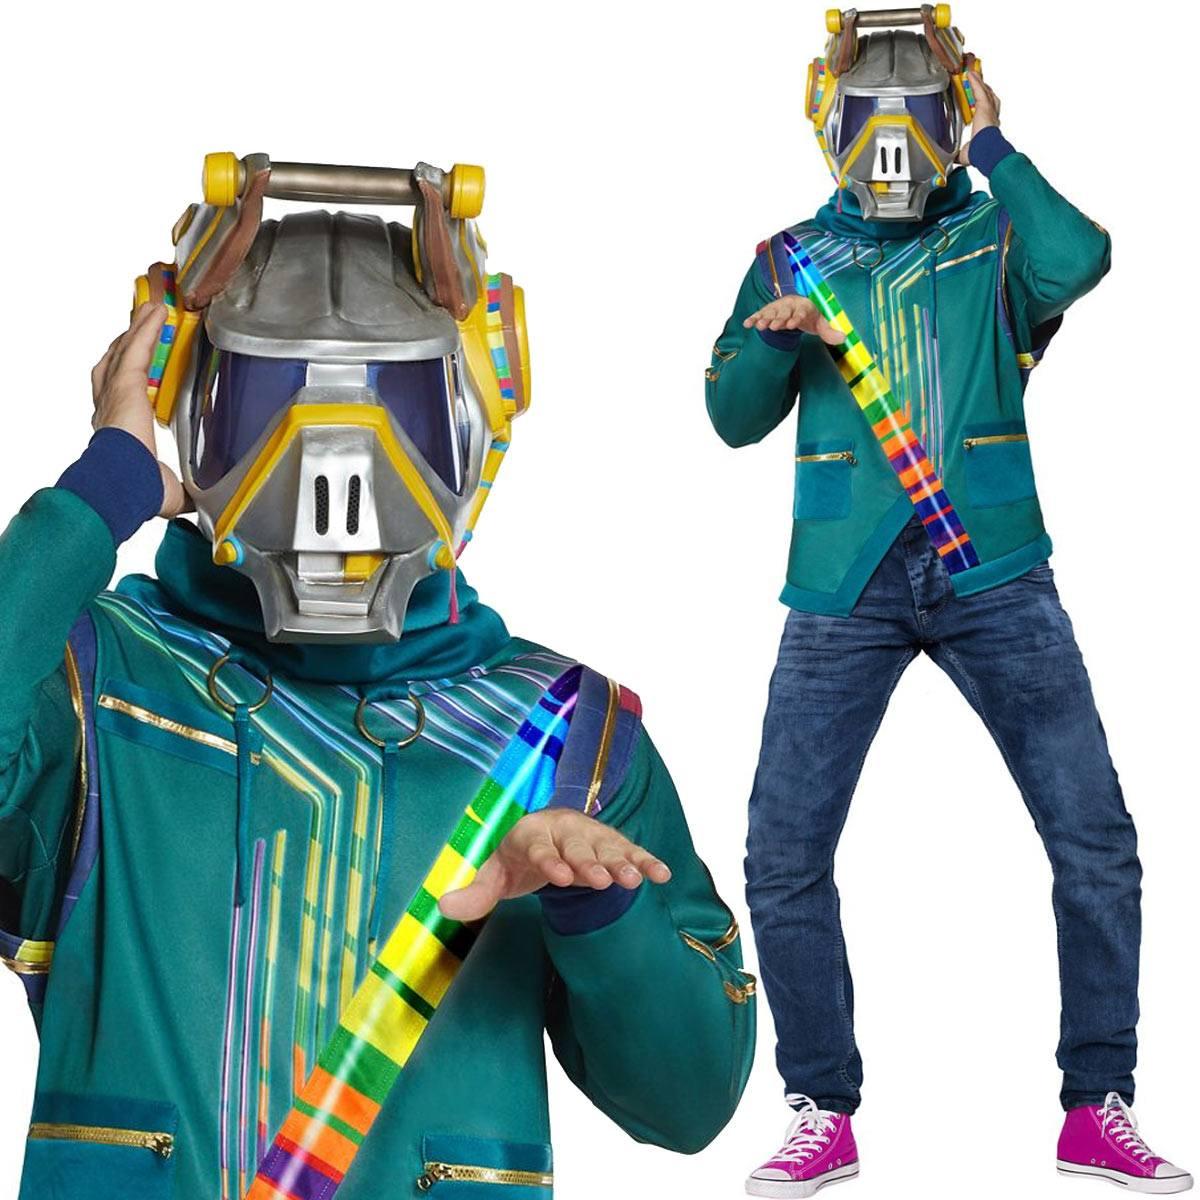 フォートナイト コスプレ DJ ヨンダー 大人用 コスチューム 服 グッズ スキン 公式 Fortnite